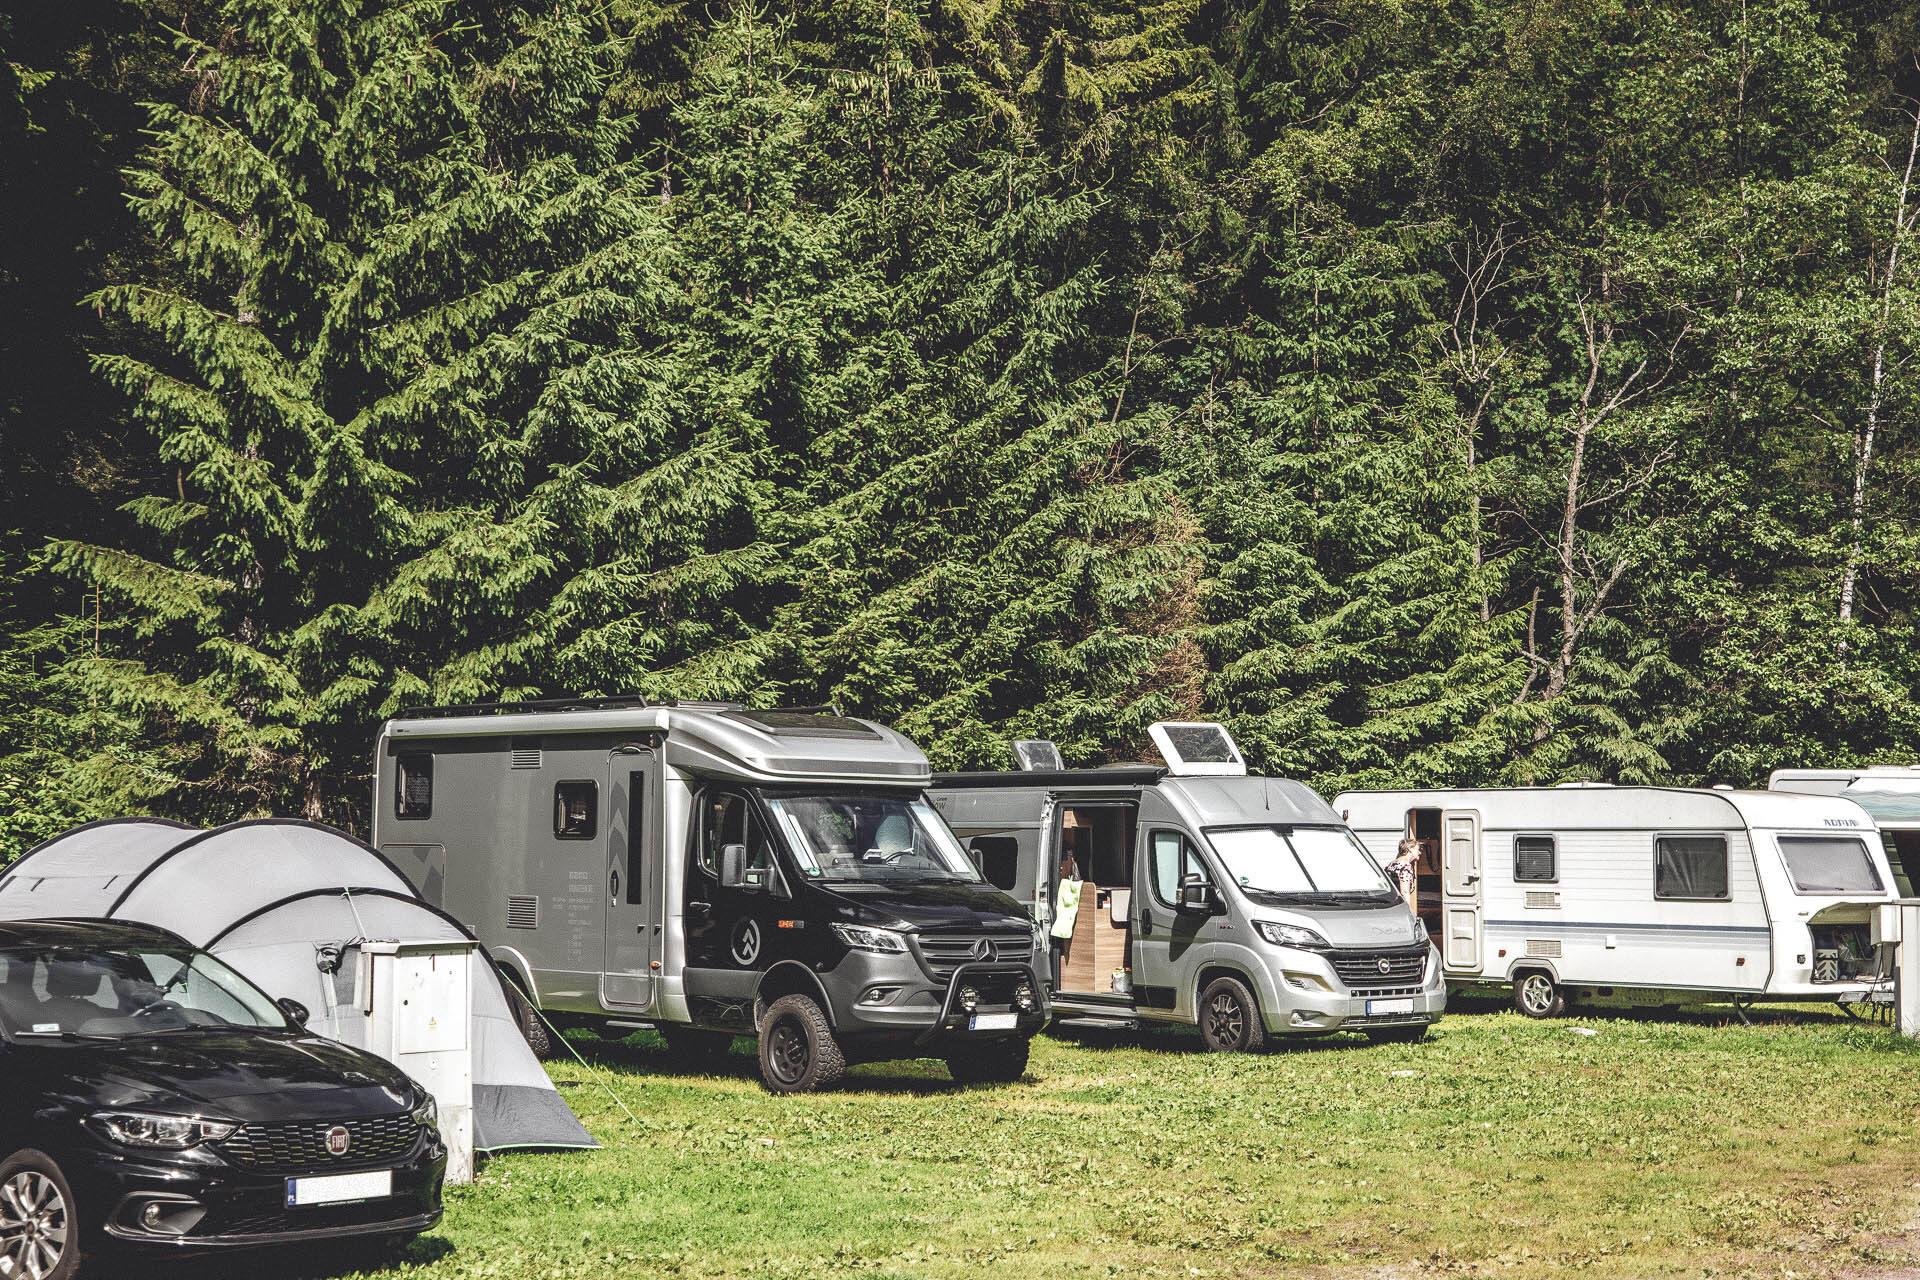 Autokempink KRNAP, Campingplatz, Spindlermühle, Tschechien